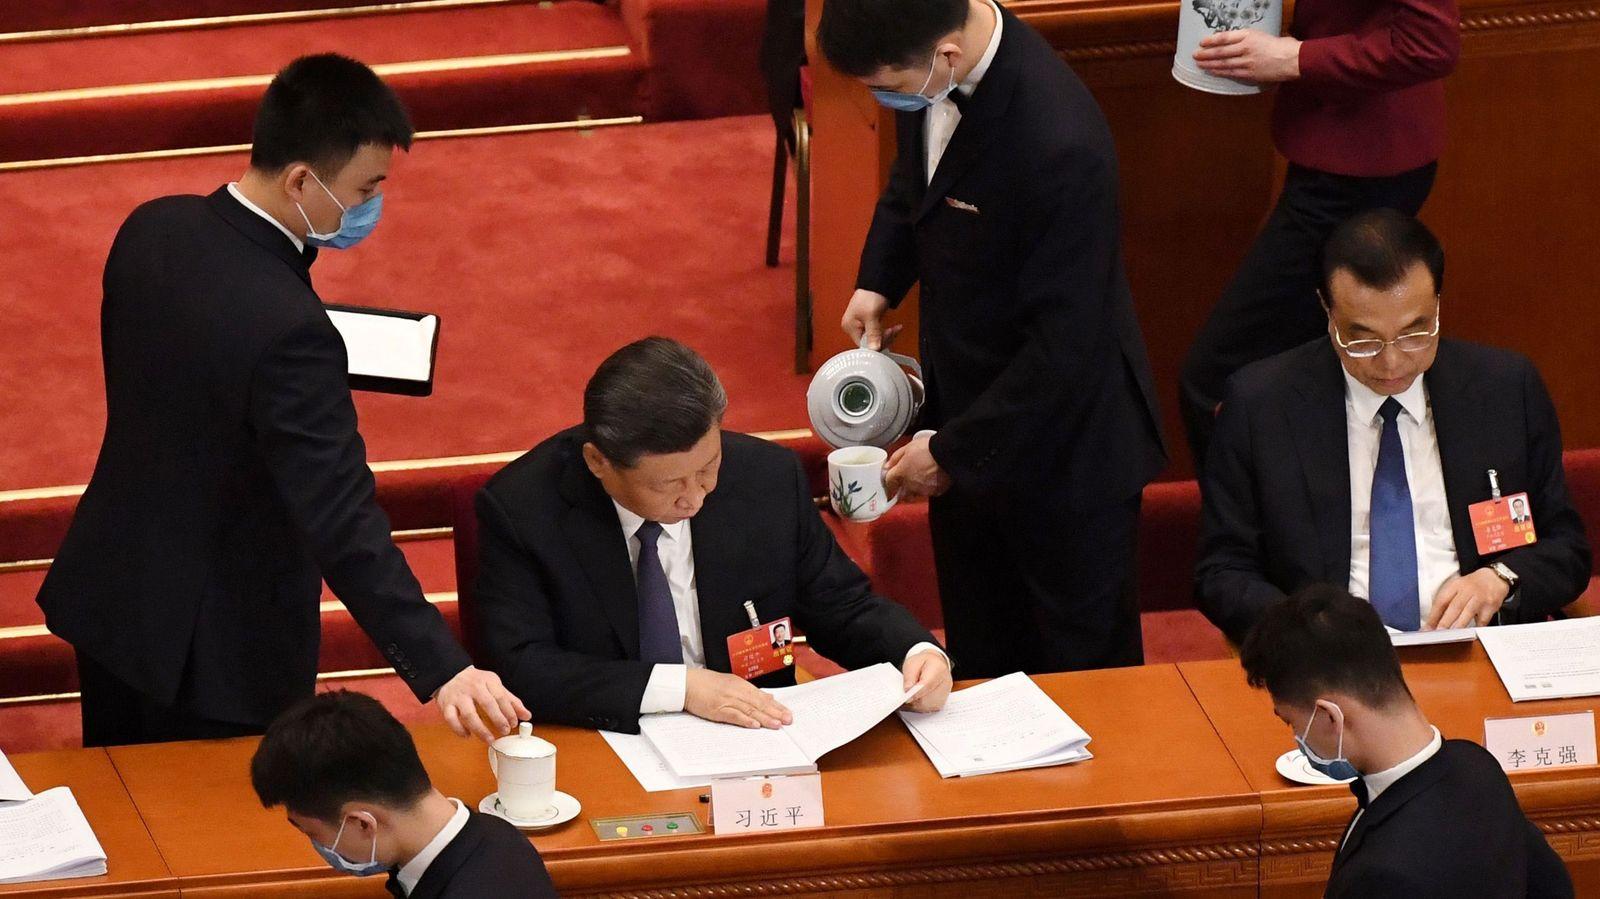 なぜ中国政府は新型コロナを世界中に広めた責任を認めないのか 全人代の「新規感染ゼロ」というウソ